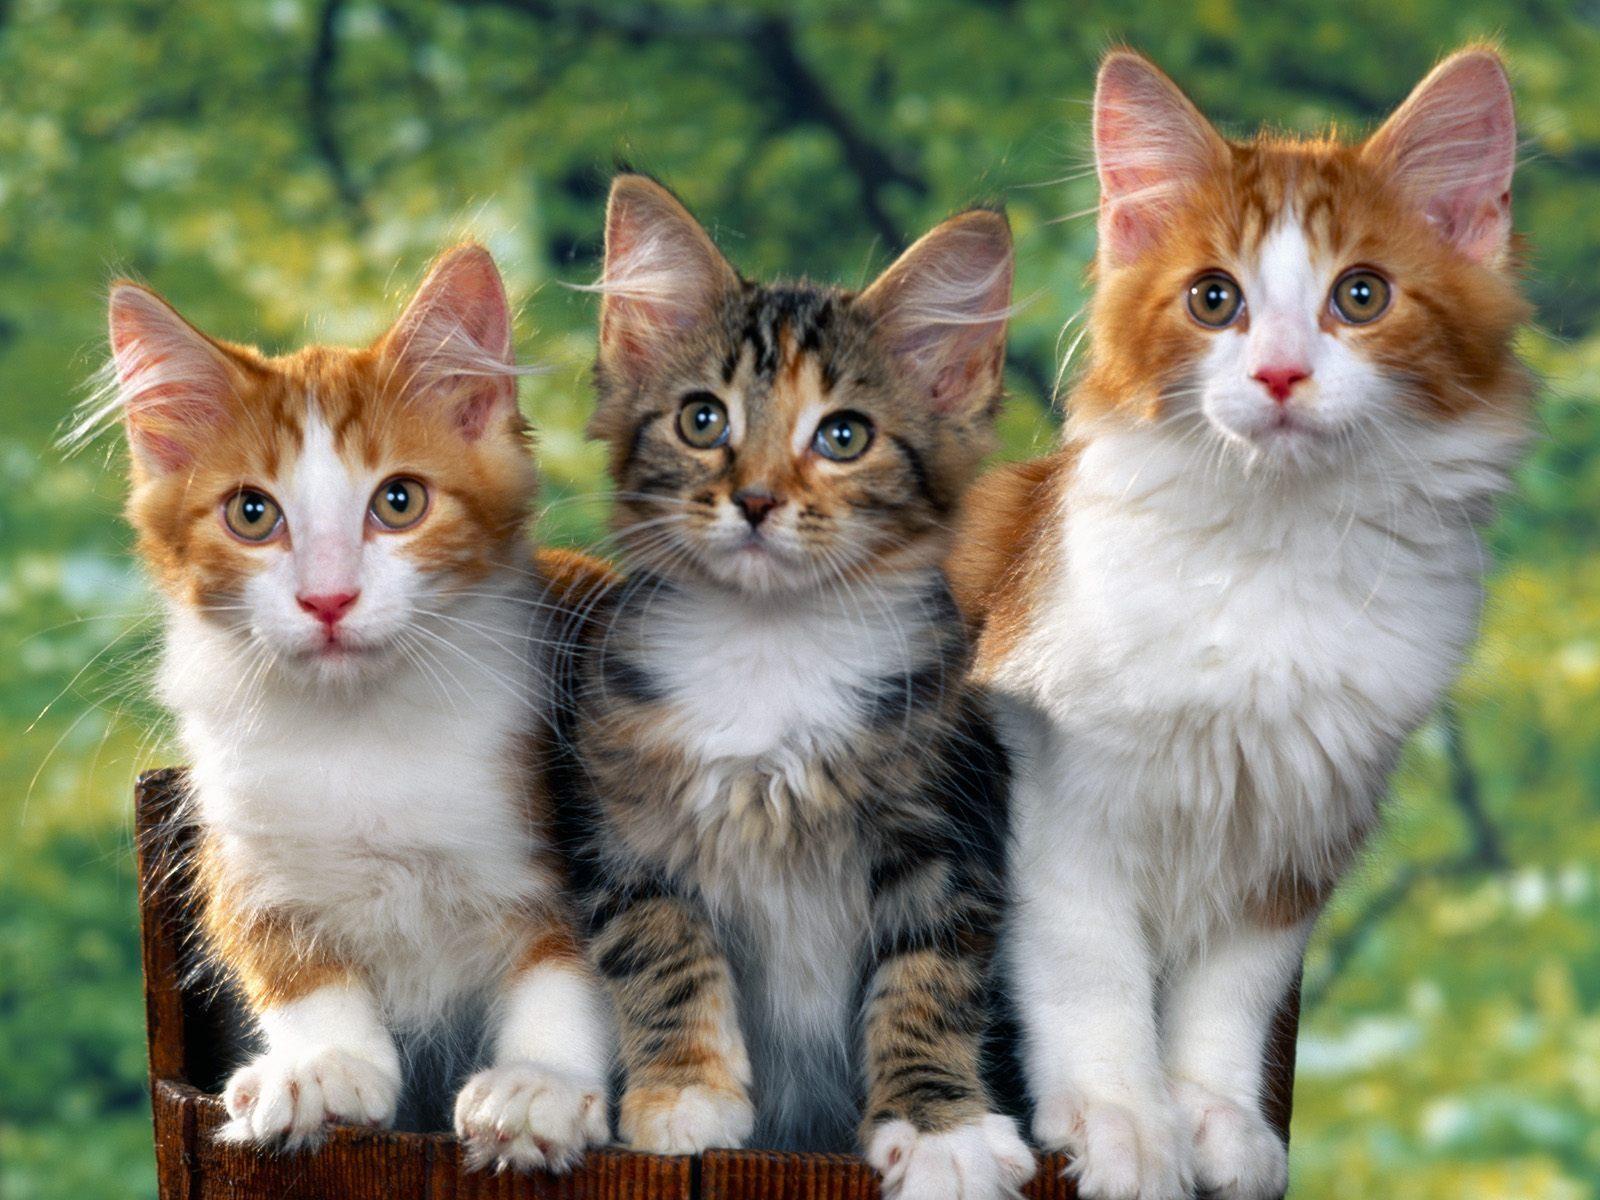 بالصور قطط جميلة , اجمل قطة في العالم 687 6